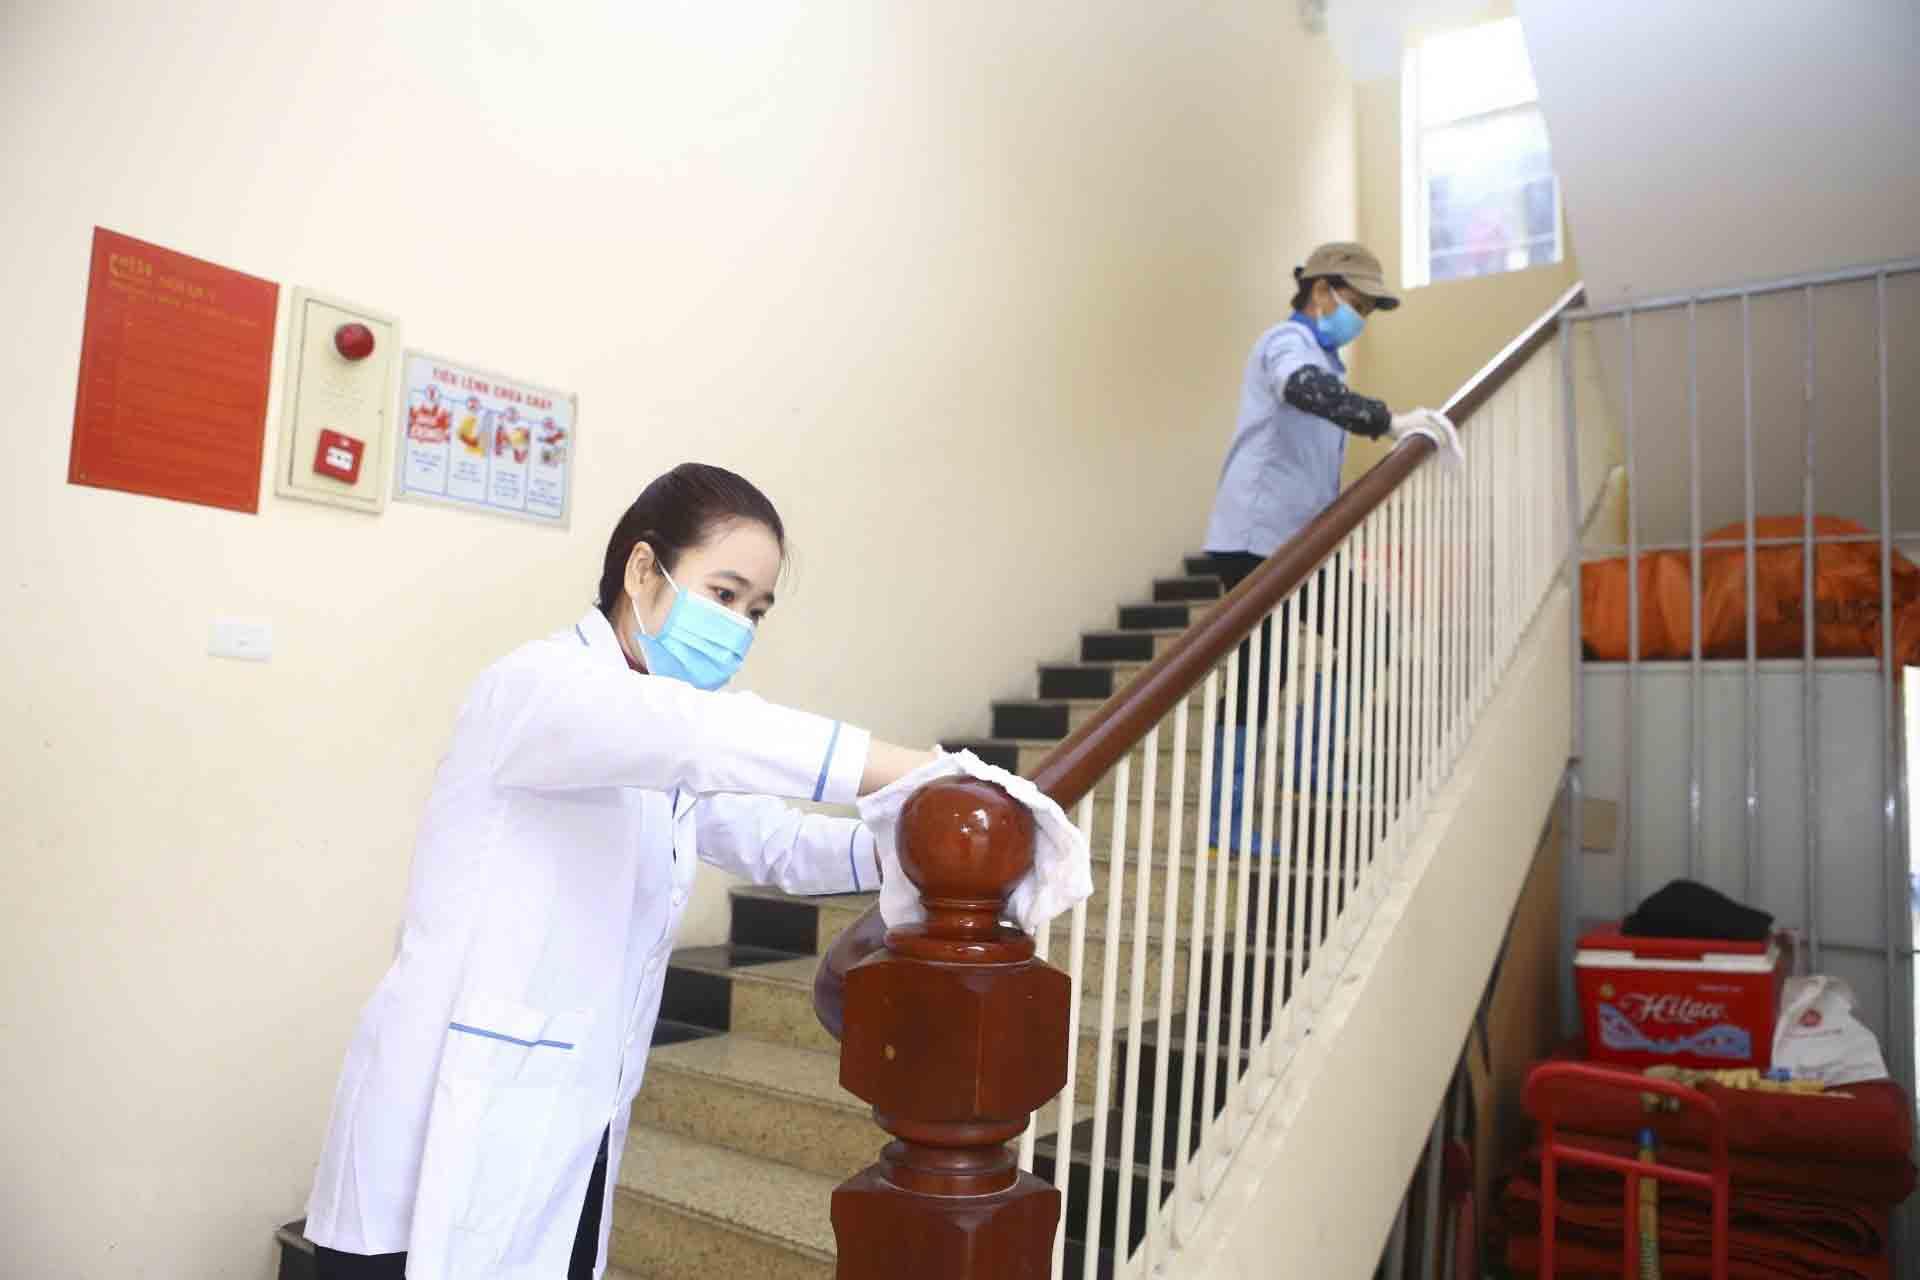 Khuyến cáo phòng ngừa corona cho khách sạn đó là dịch vụ lau dọn, vệ sinh cần đảm bảo